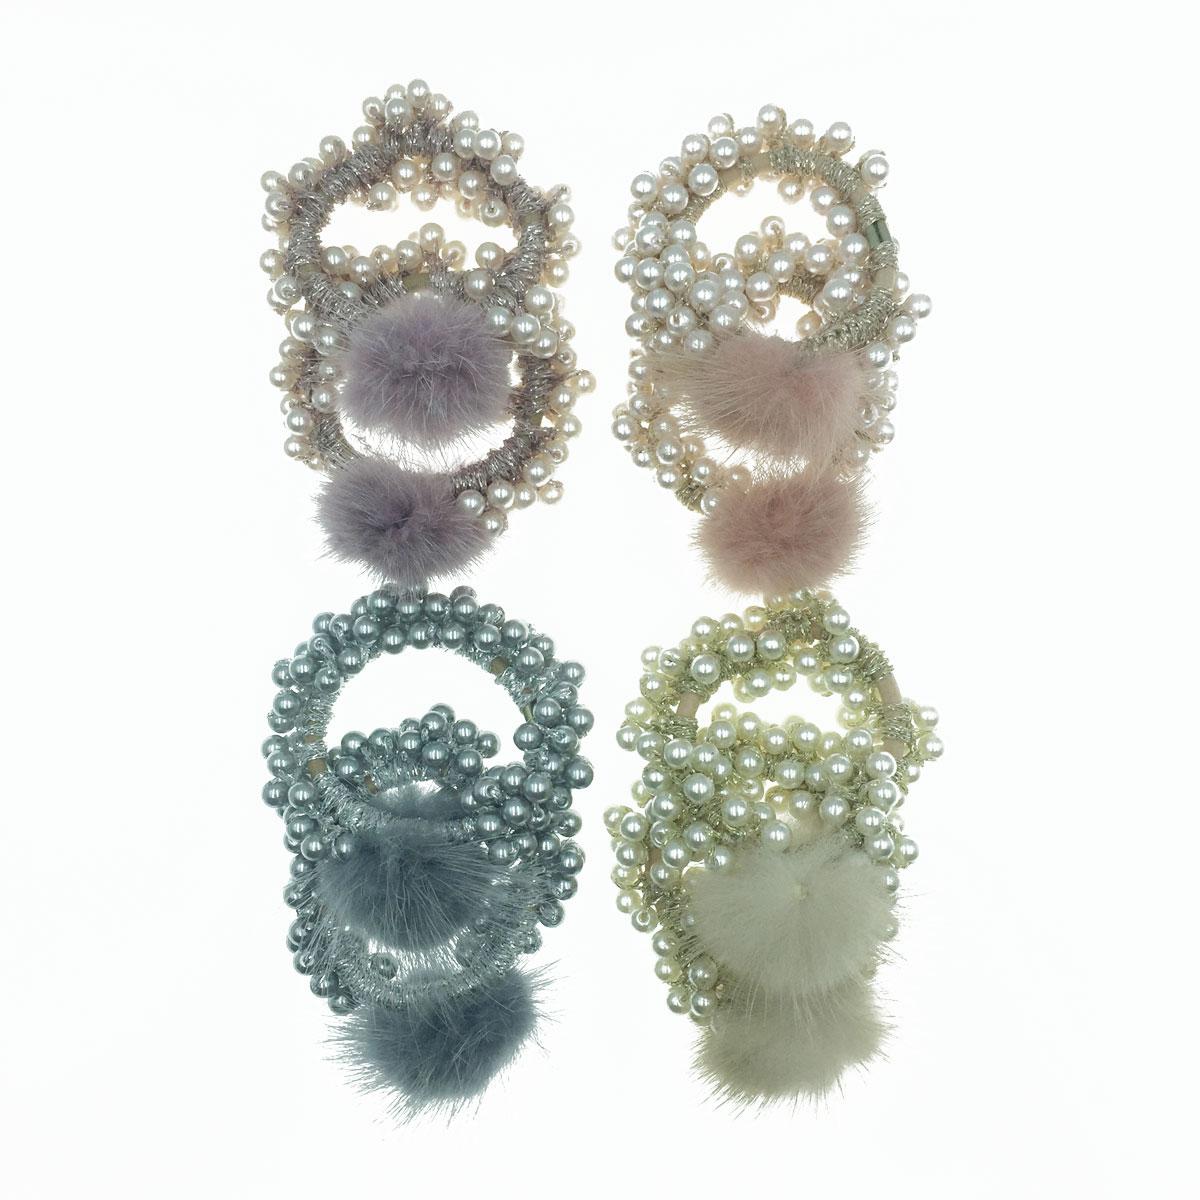 韓國 珠珠 毛球 4色 2入 髮飾 髮圈 髮束